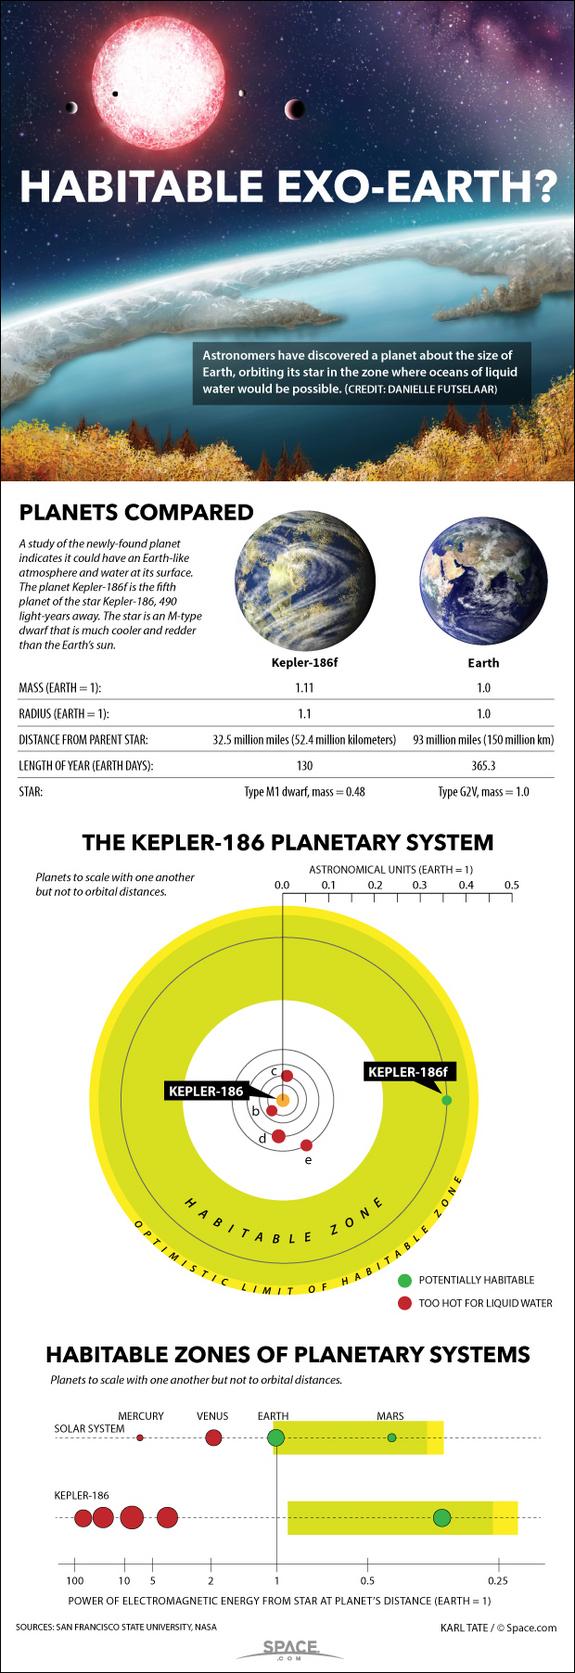 exoearth-habitable-rocky-earth-kepler-186f-140416a-02